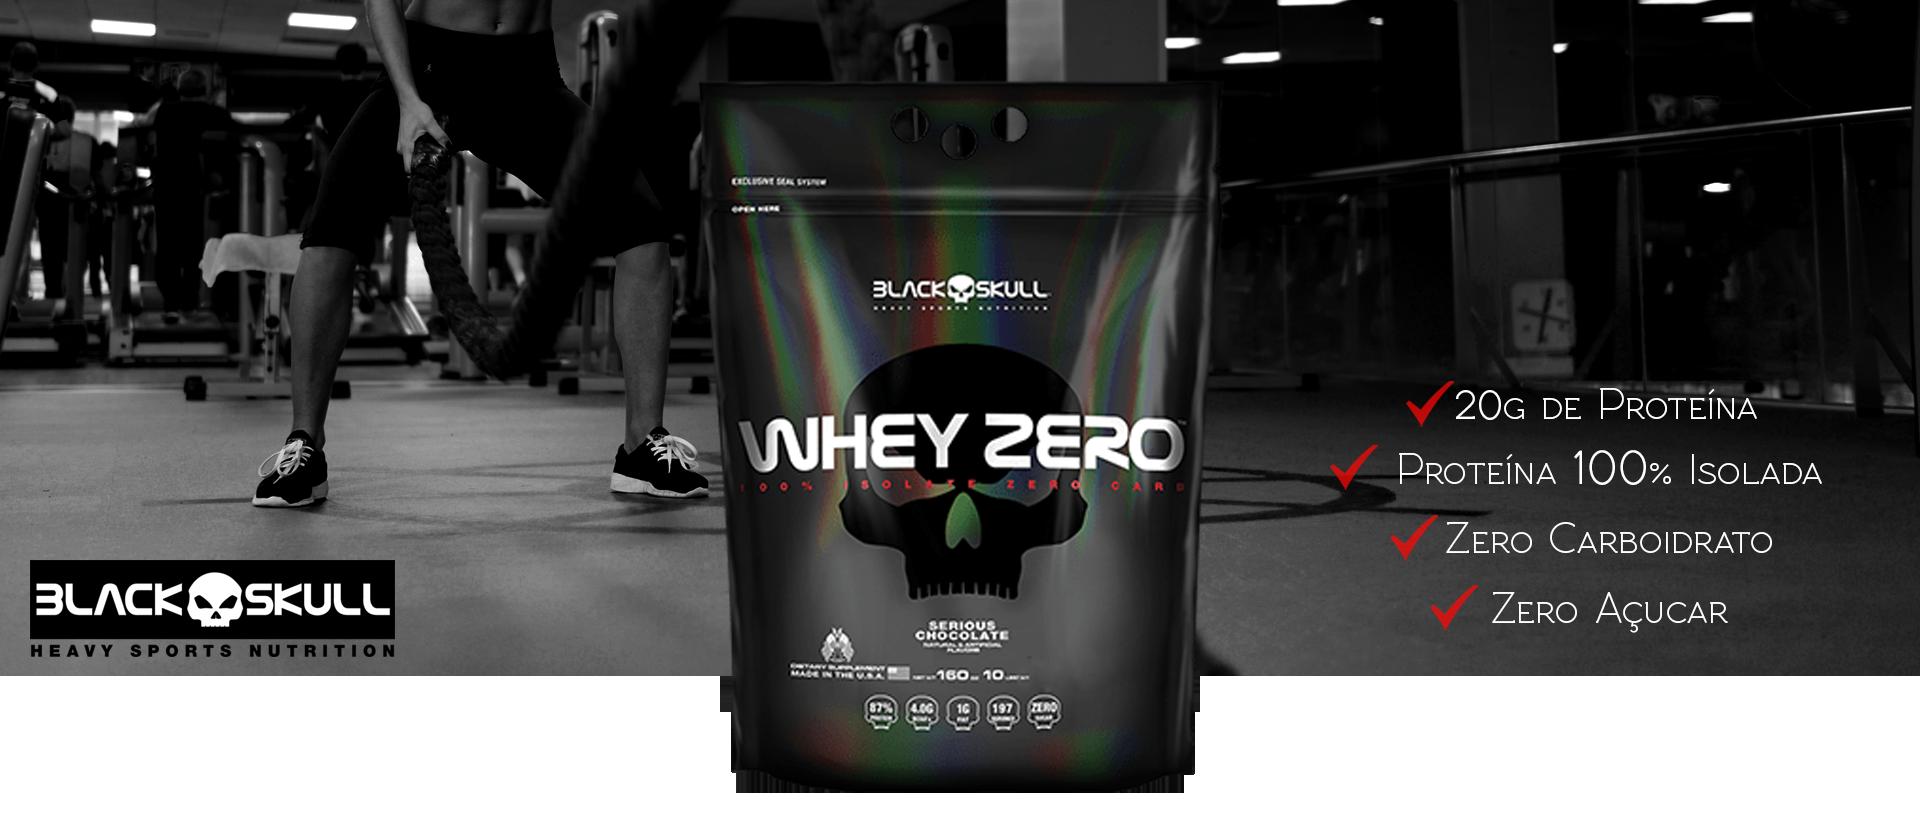 Descrição. Whey Zero da Black Skull USA é um suplemento alimentar formulado  com 100% whey protein isolado ... 29a5c97d42ee4